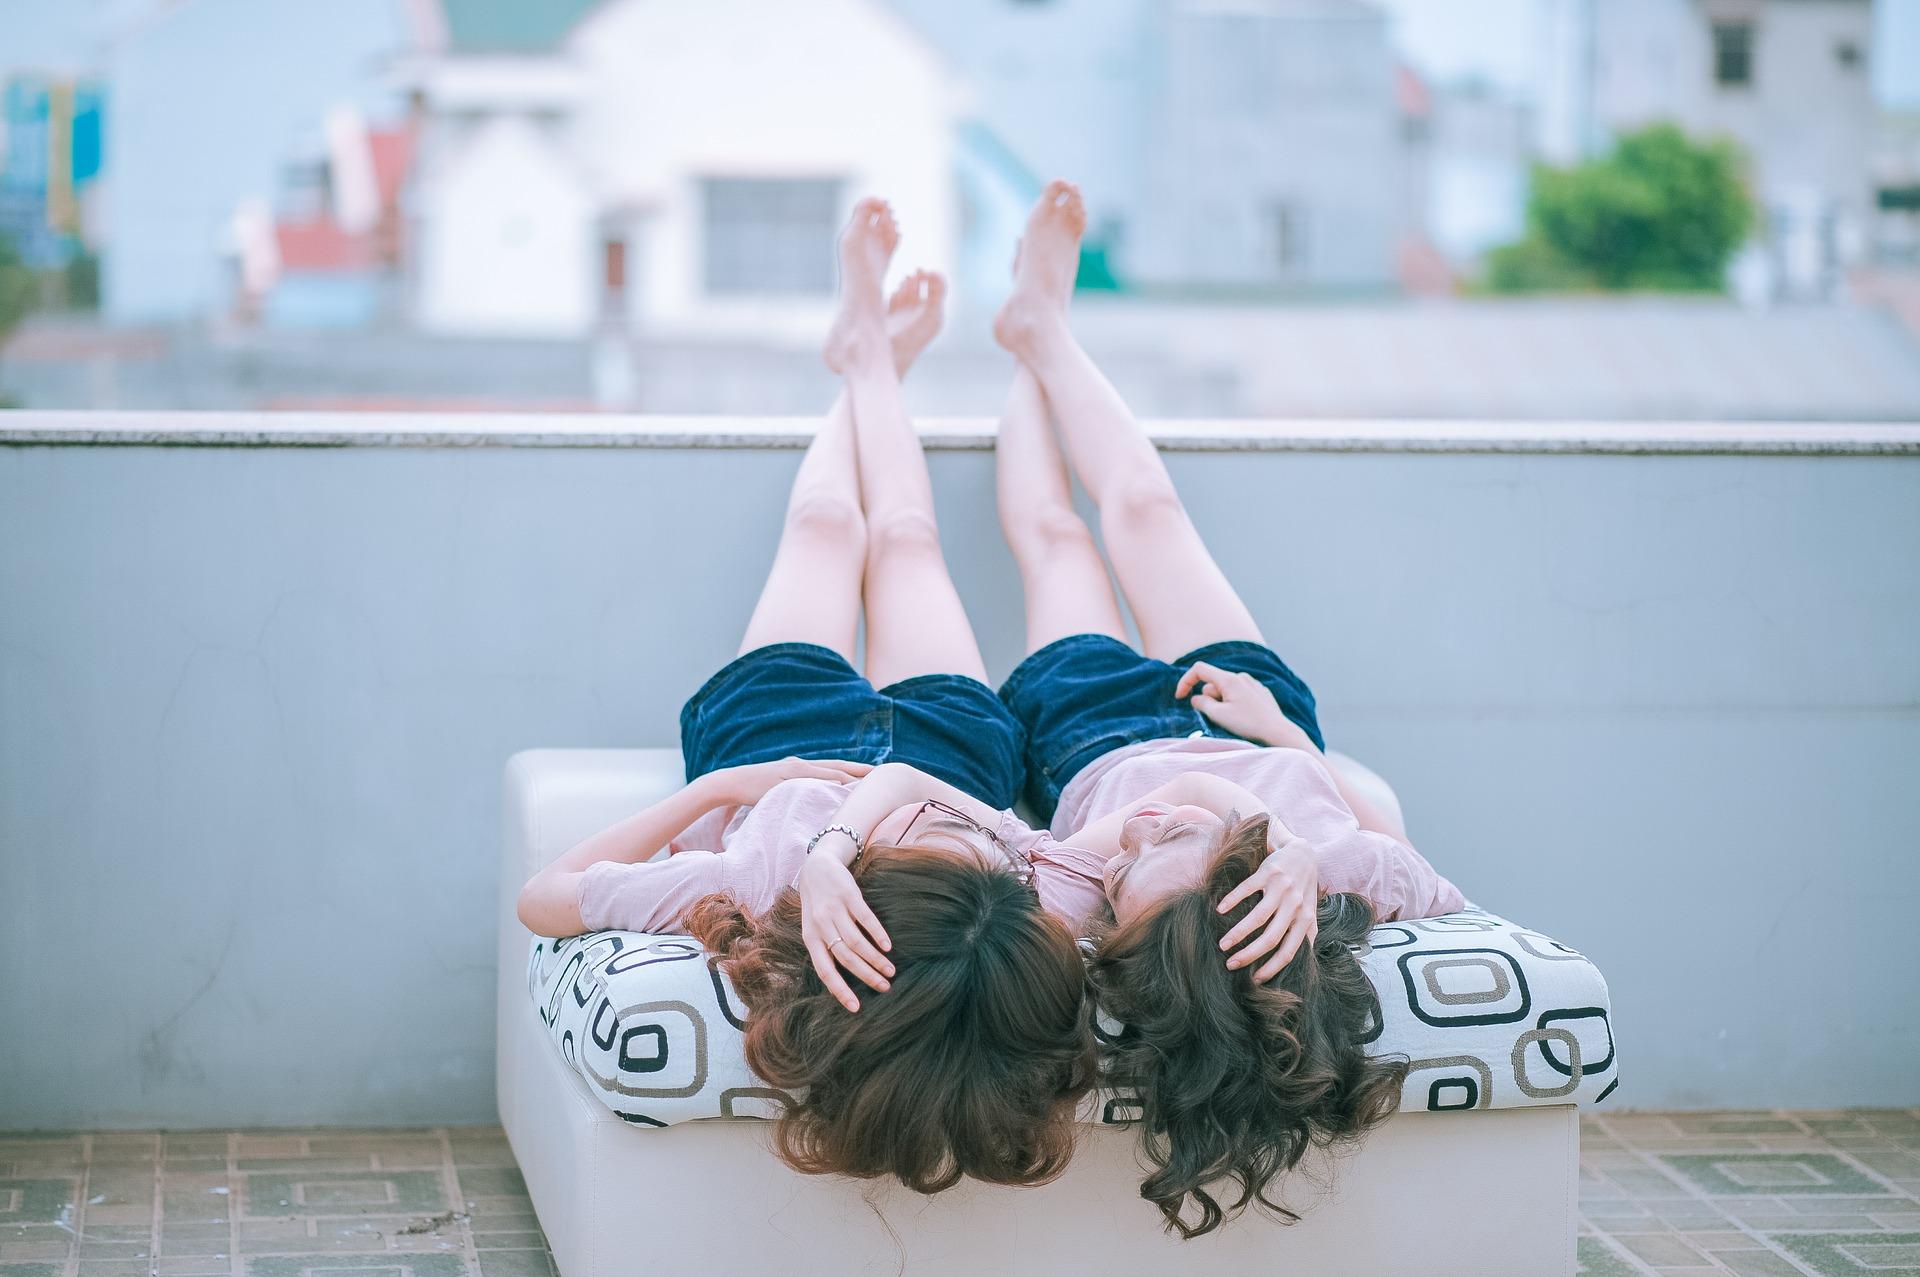 女女怎麼愛愛?大家最好奇女同(拉拉)做愛三問(18X)